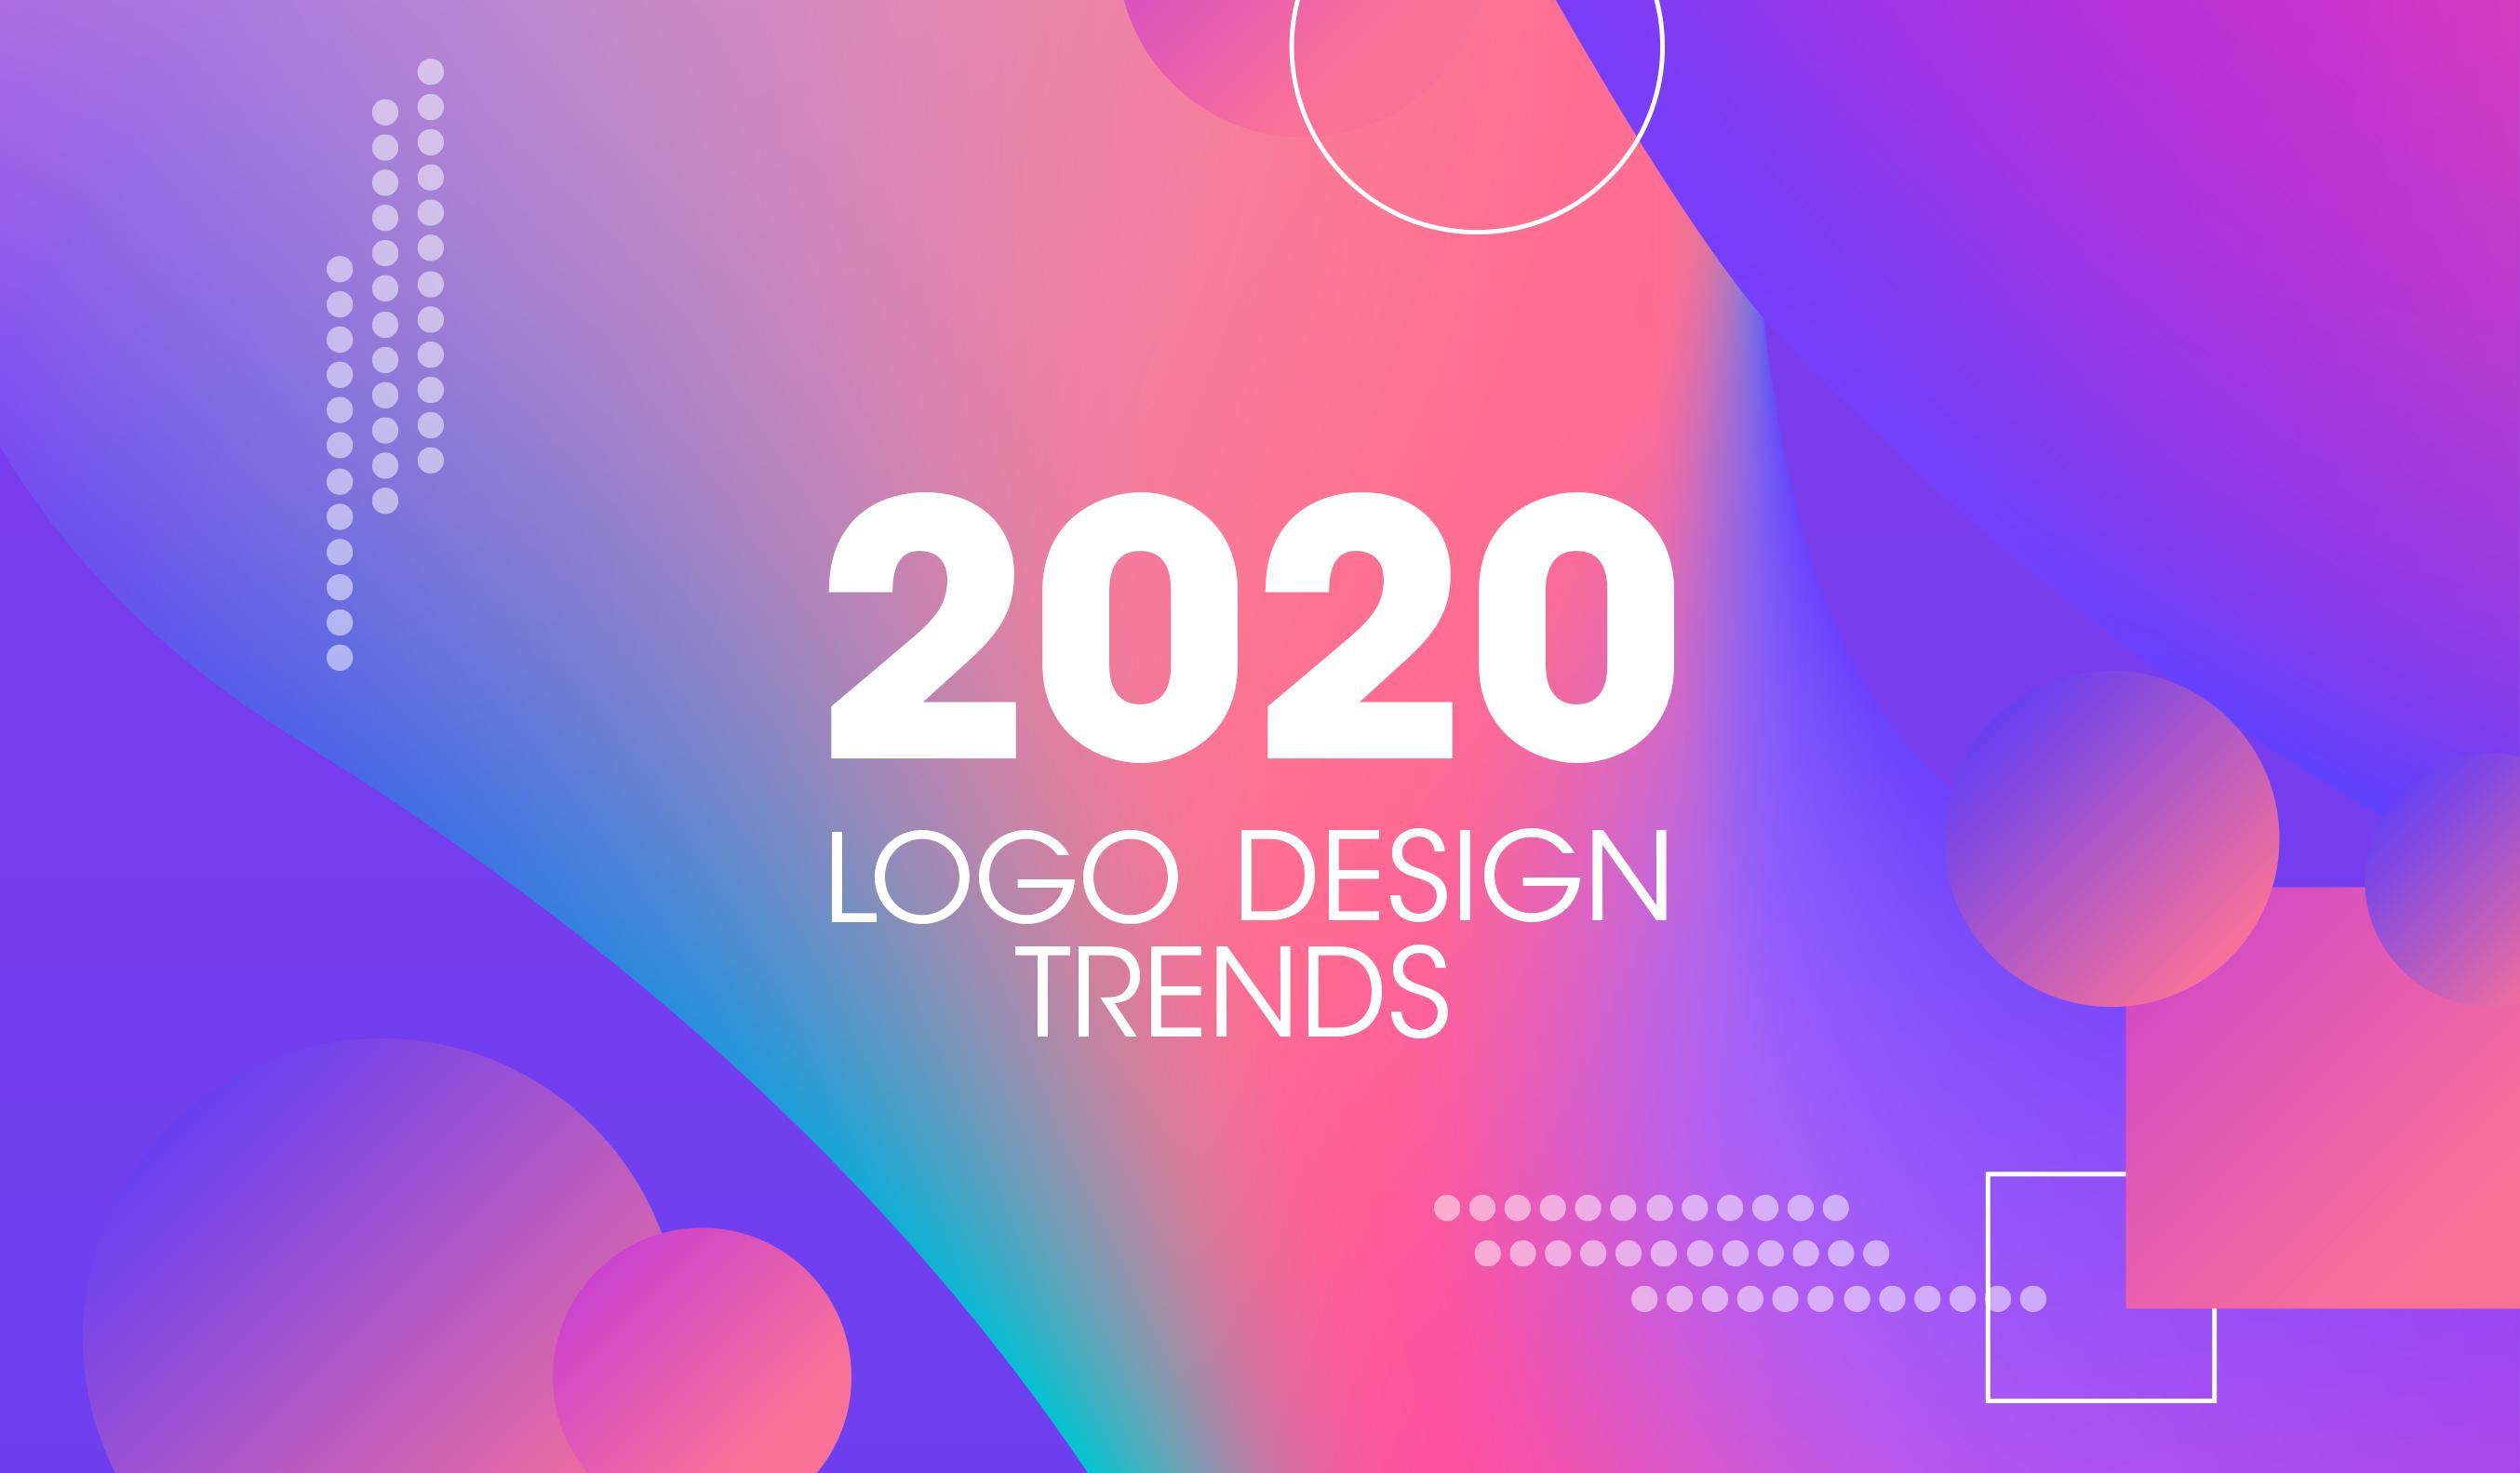 2020 LOGO DESIGN TRENDS - News